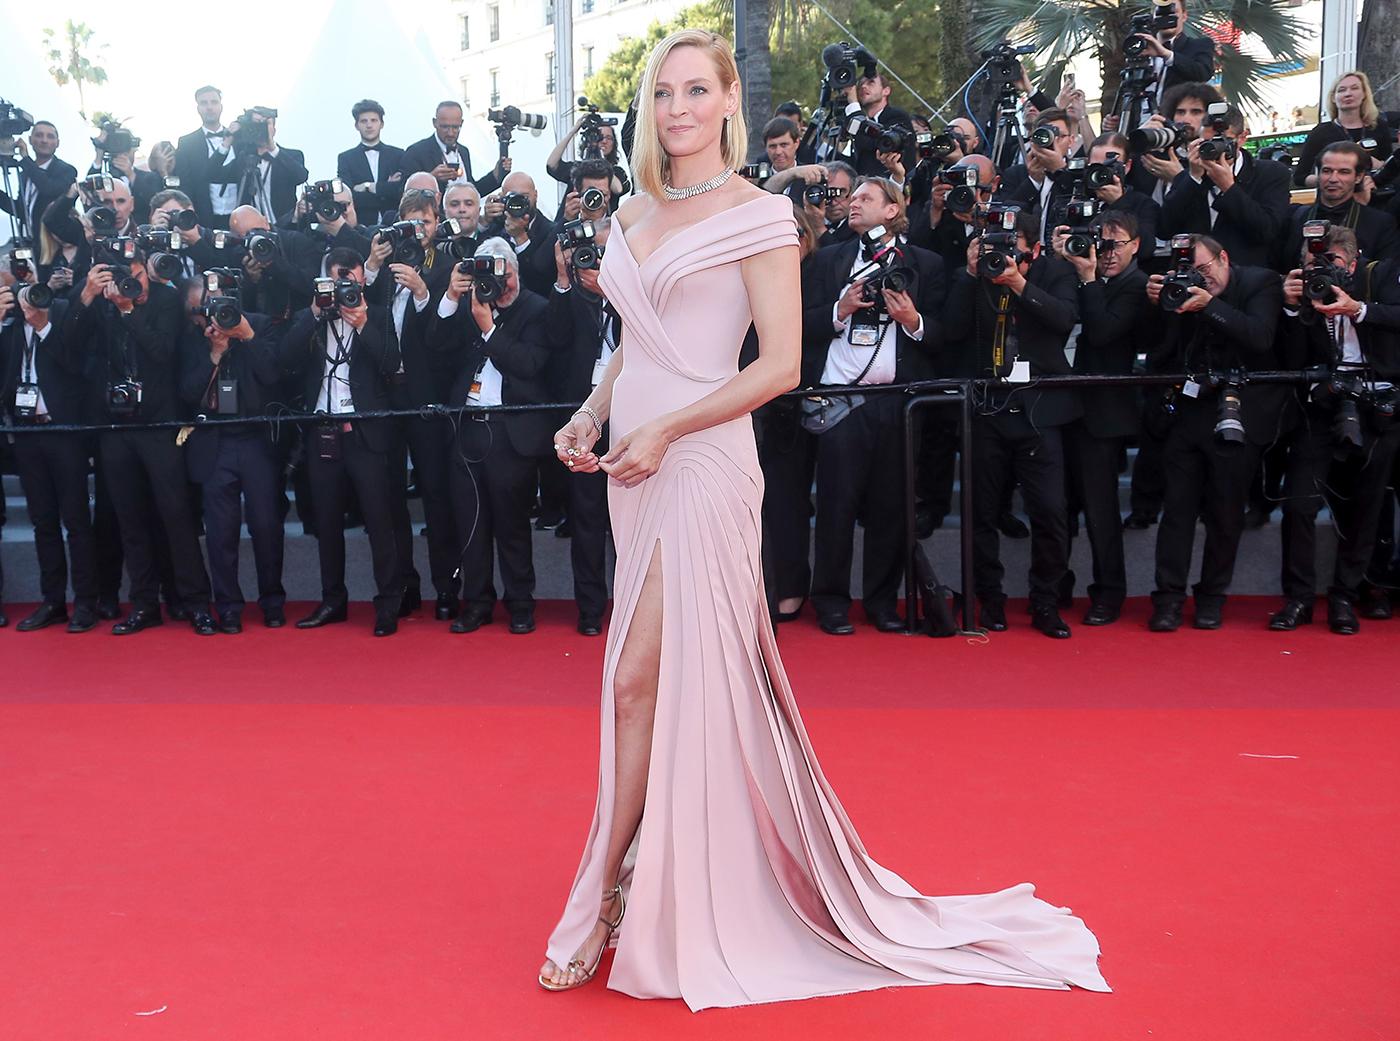 Deschiderea Festivalului de la Cannes 2017